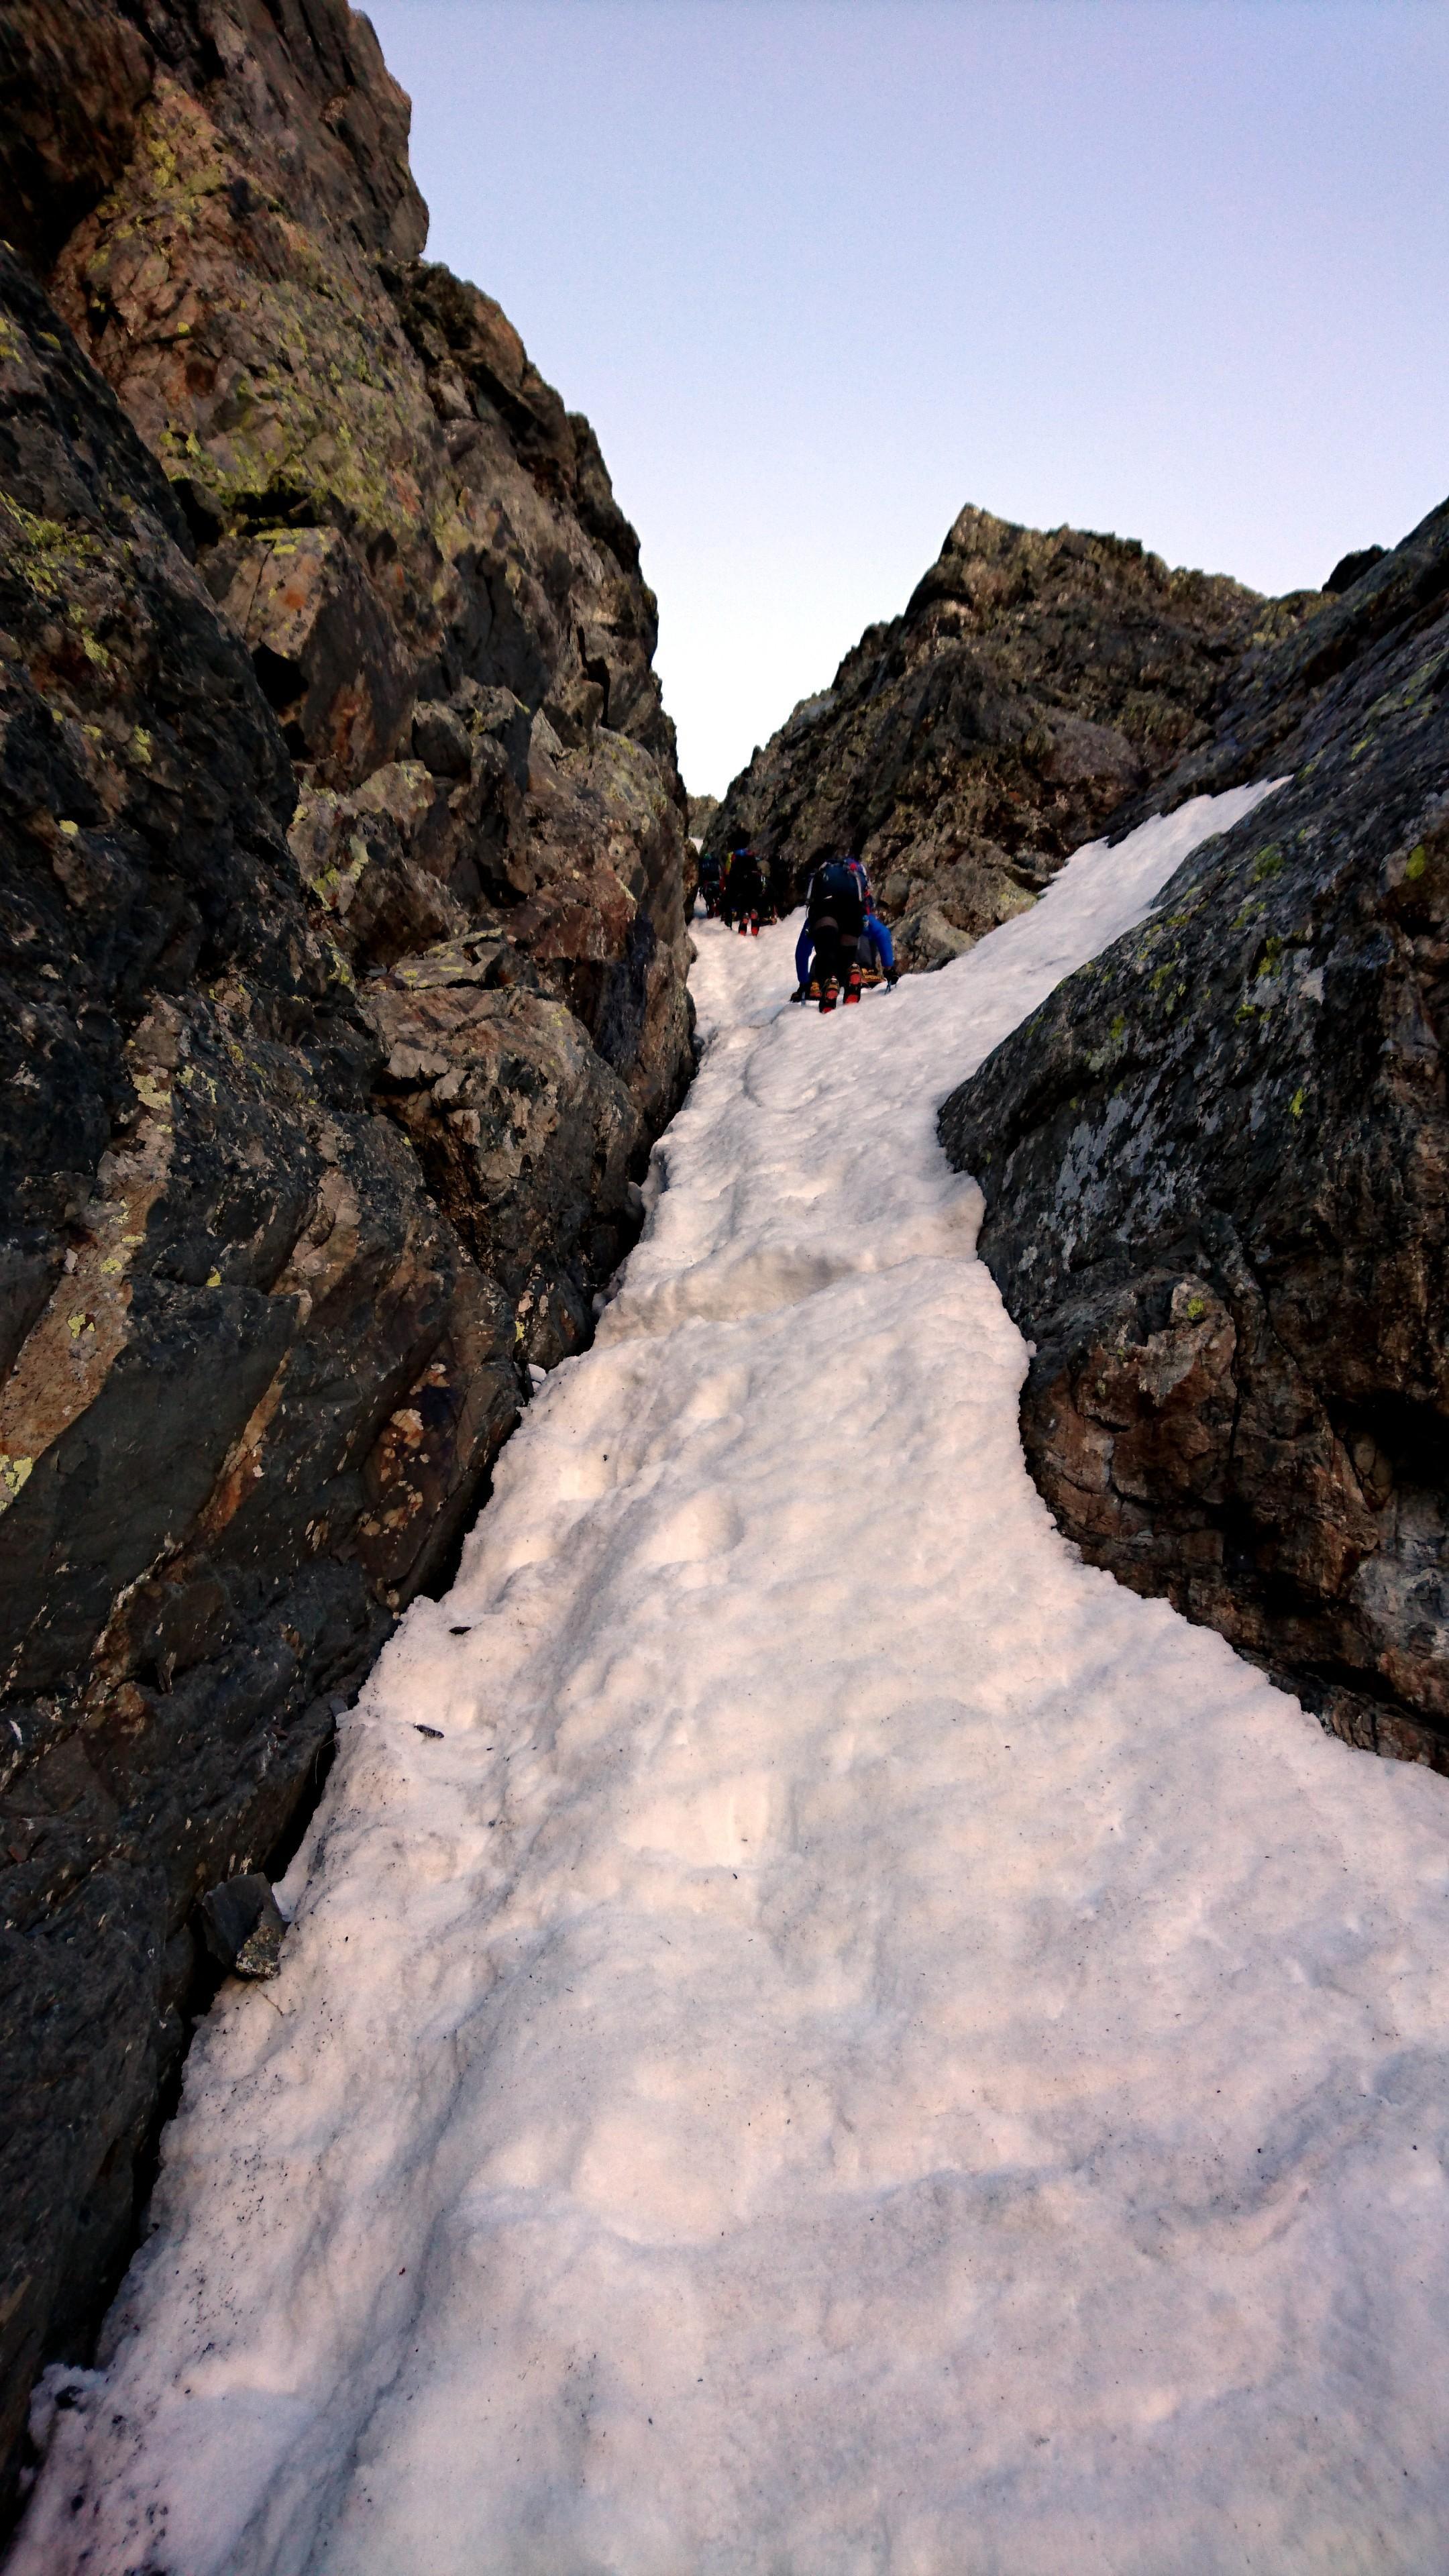 Questa è la goulotte corretta la cui pendenza è di circa 65° nel tratto più ripido e ghiacciato